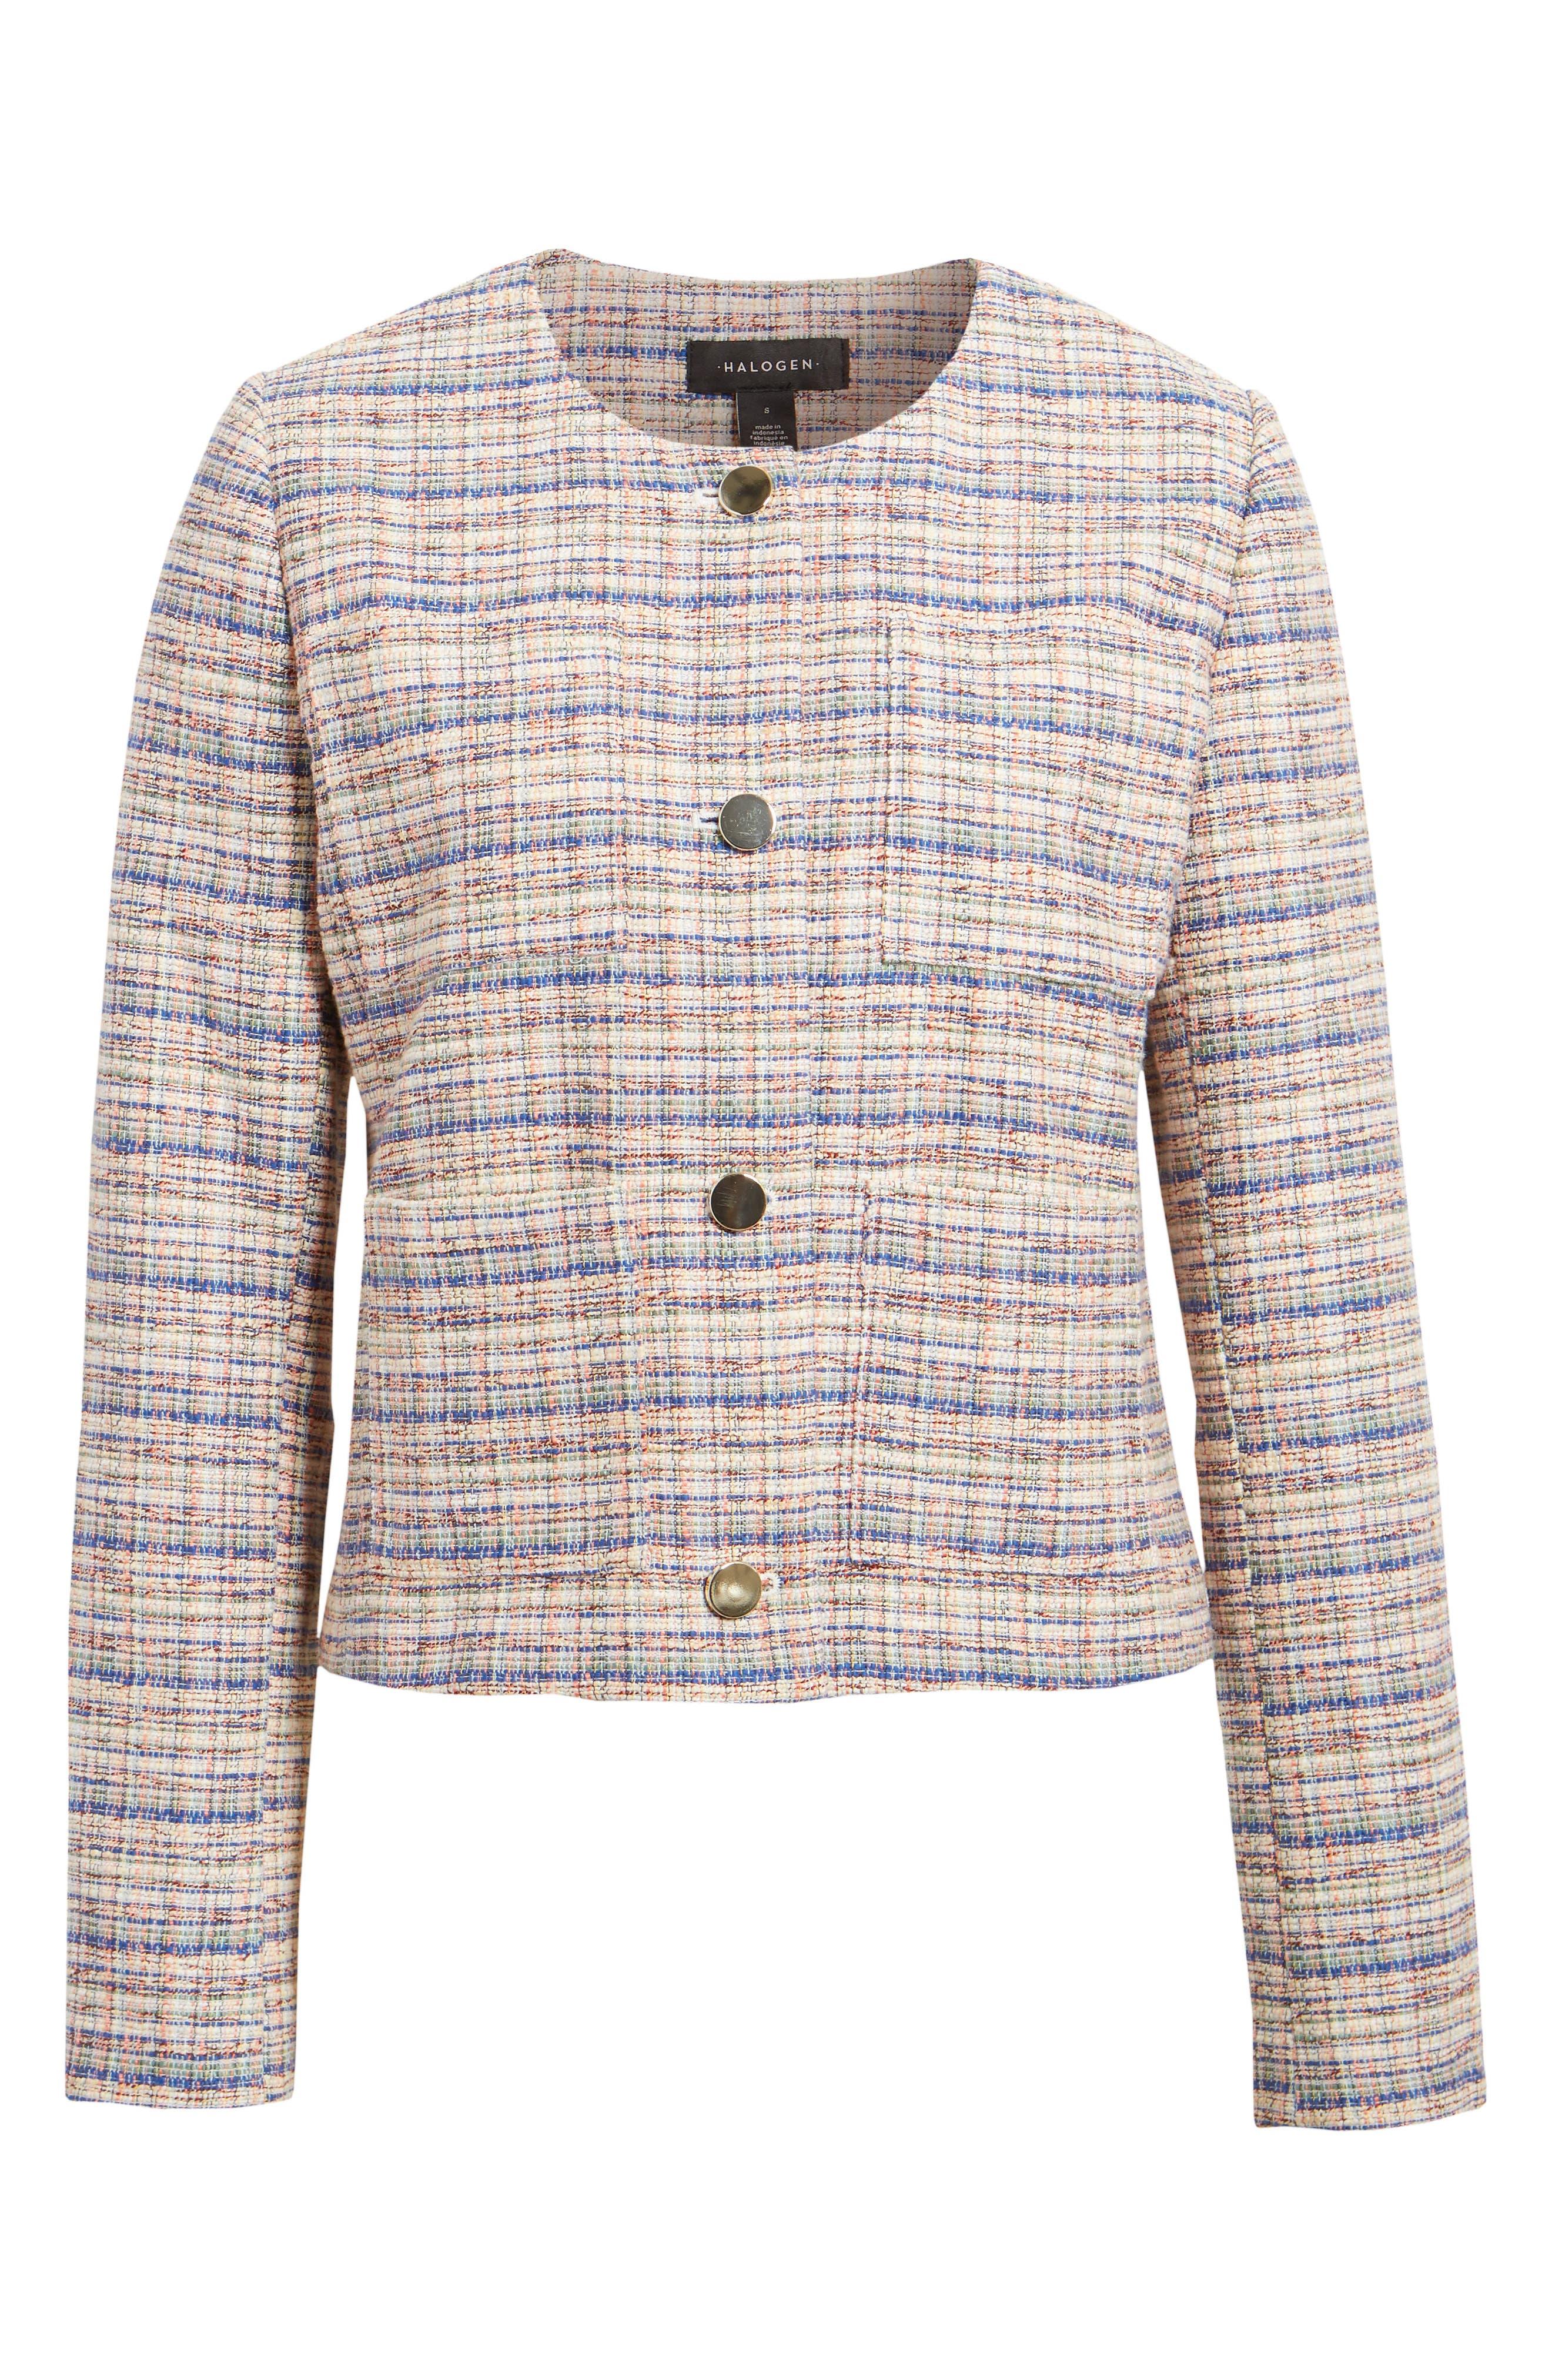 Image of Halogen Tweed Jacket